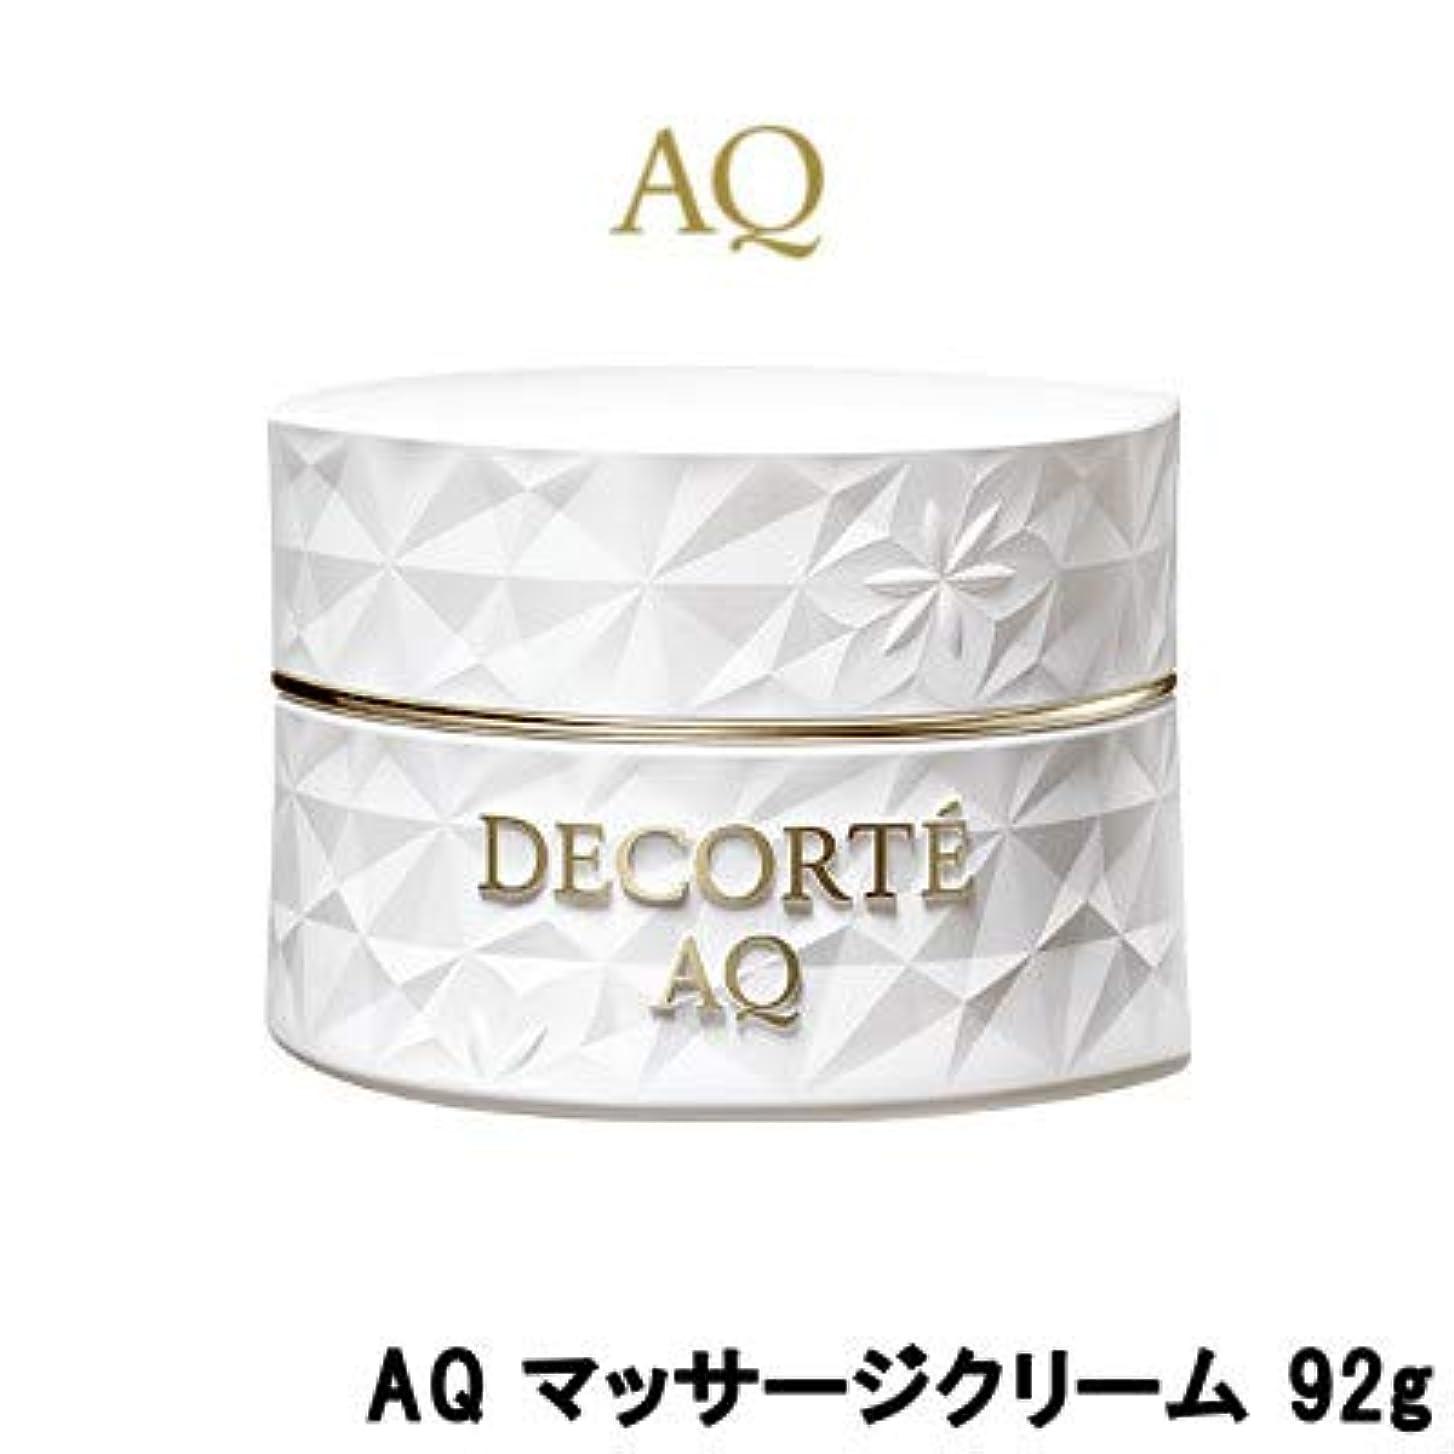 写真のブラインドファランクスコスメデコルテ AQ マッサージクリーム(92g)